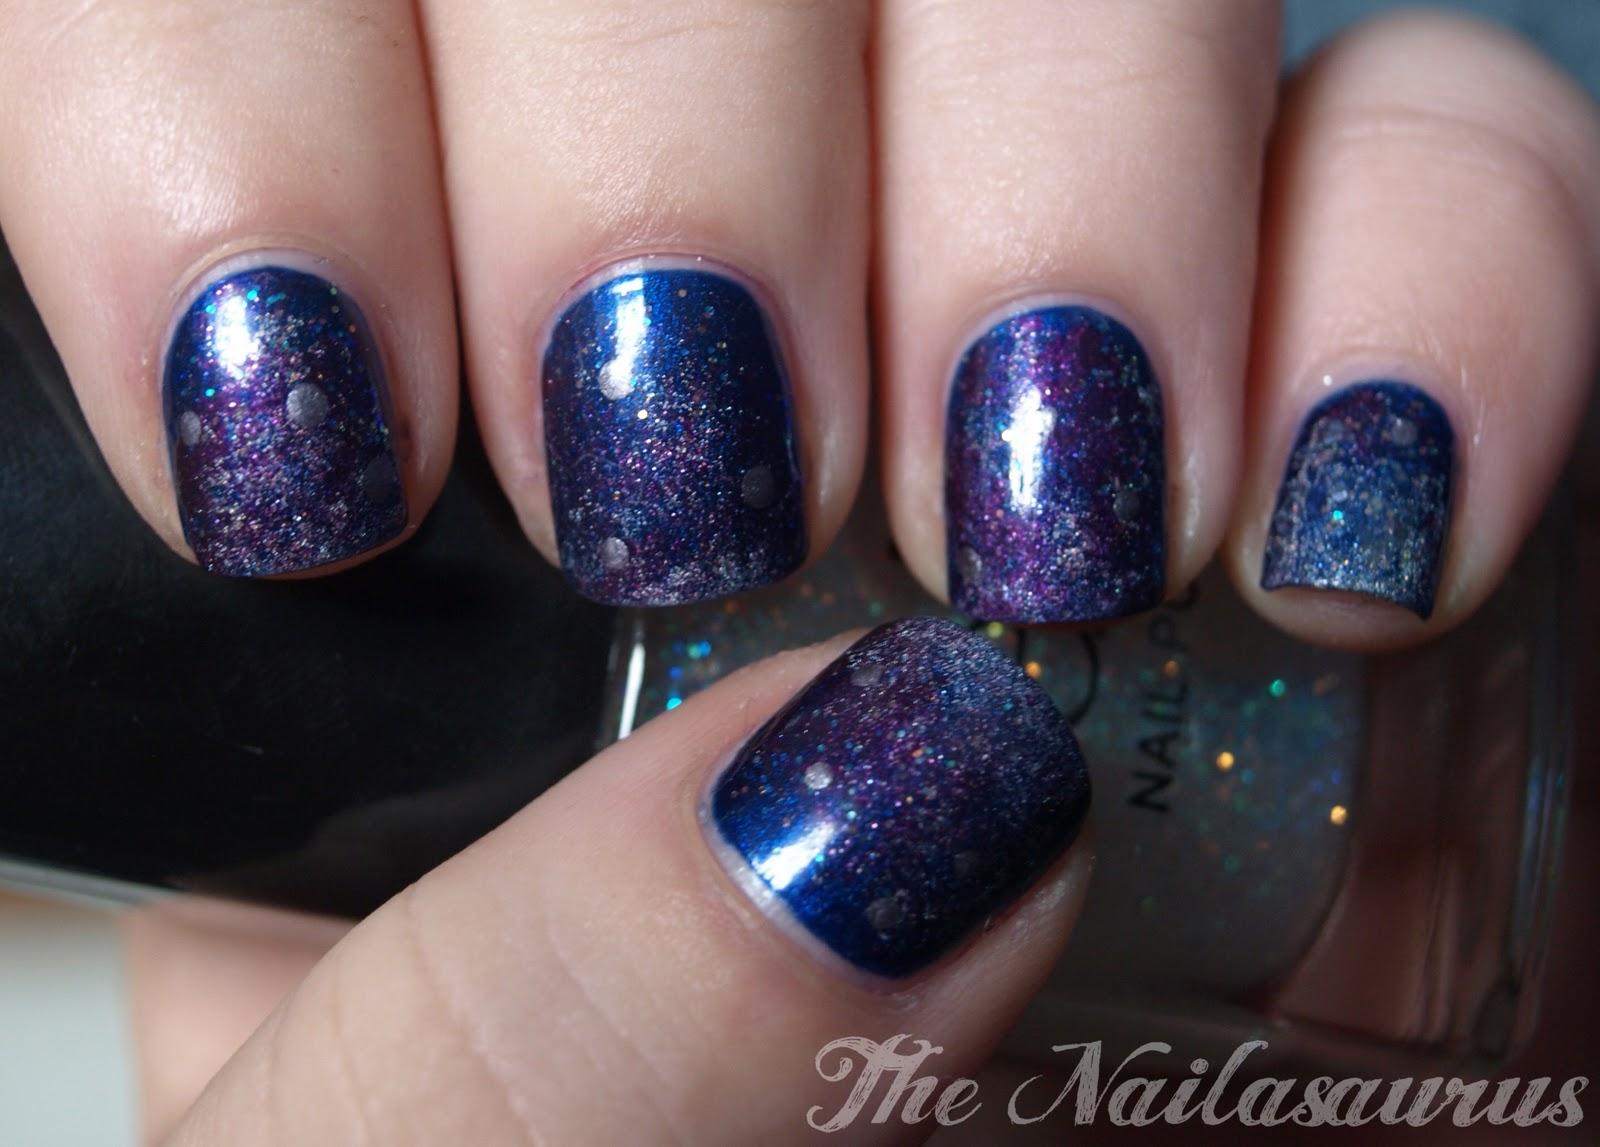 Nebula Nails - The Nailasaurus | UK Nail Art Blog